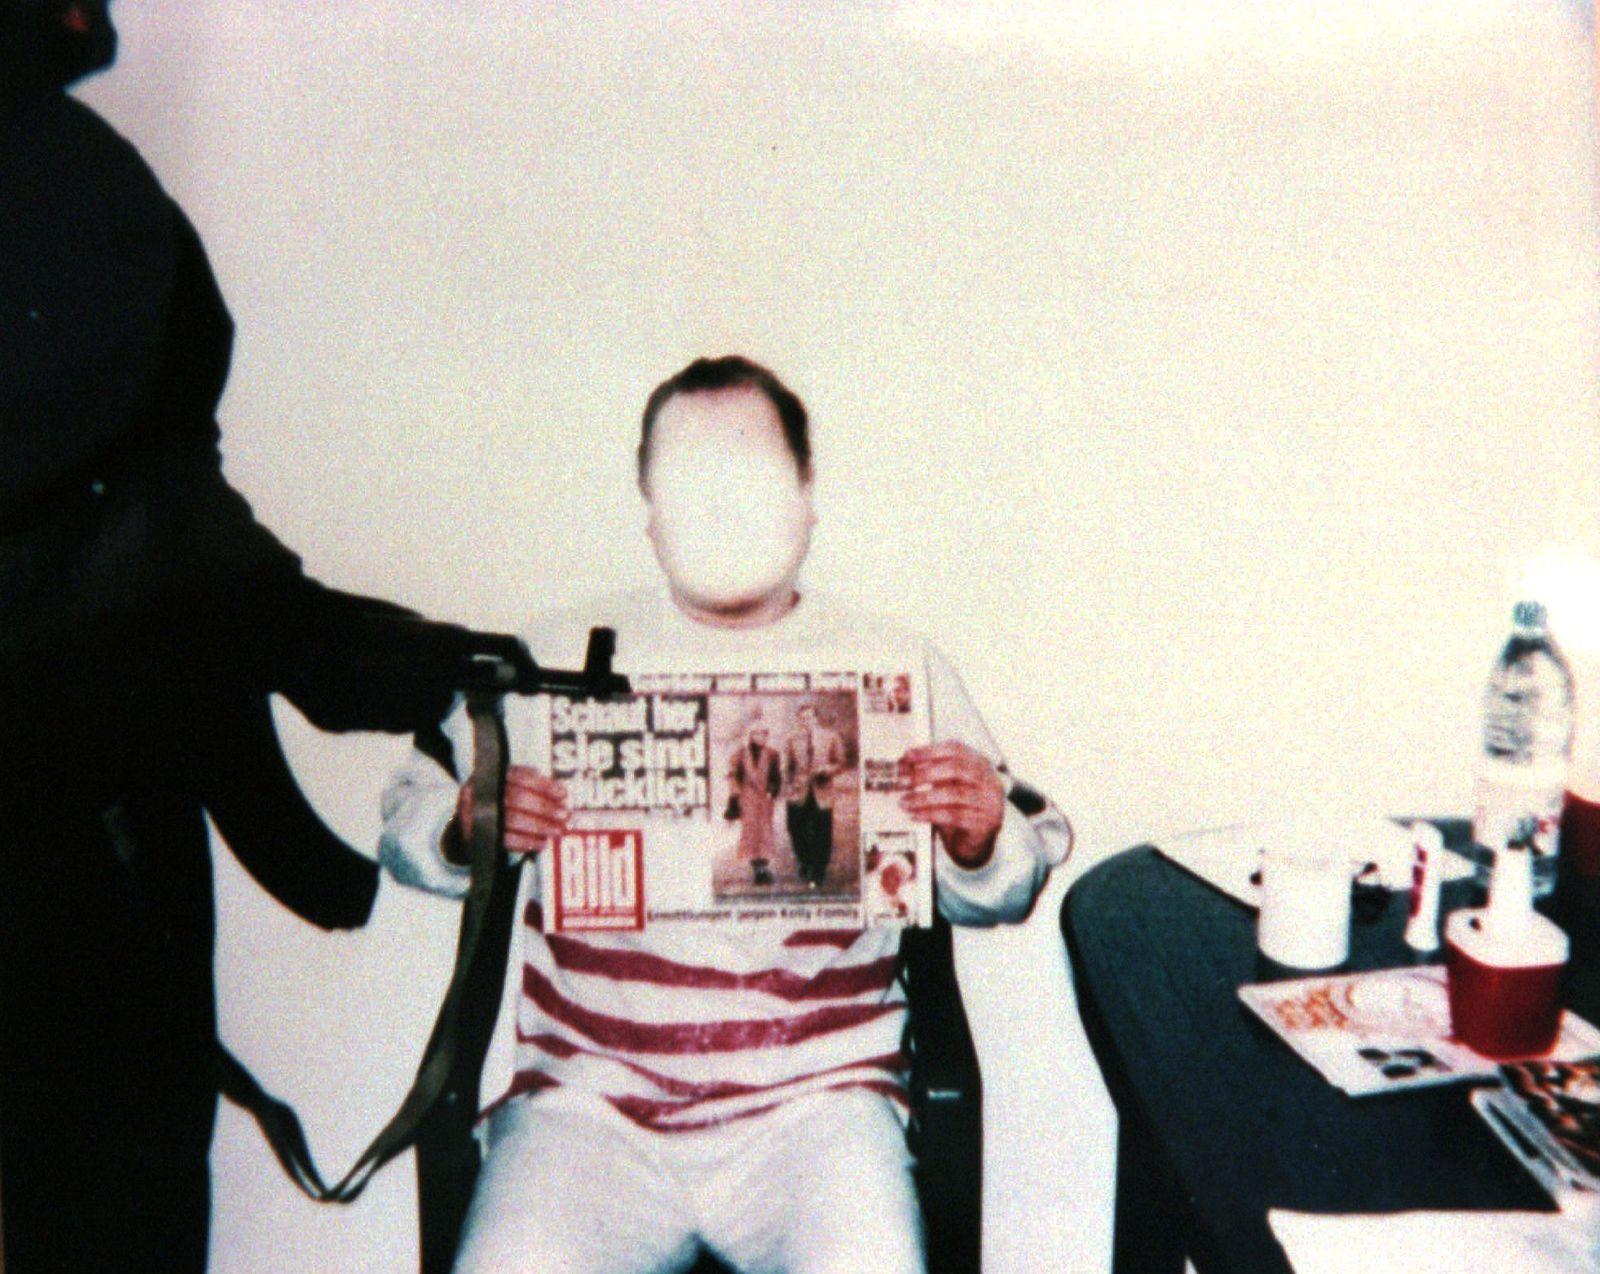 SPON20/ 1996/ Reemstma